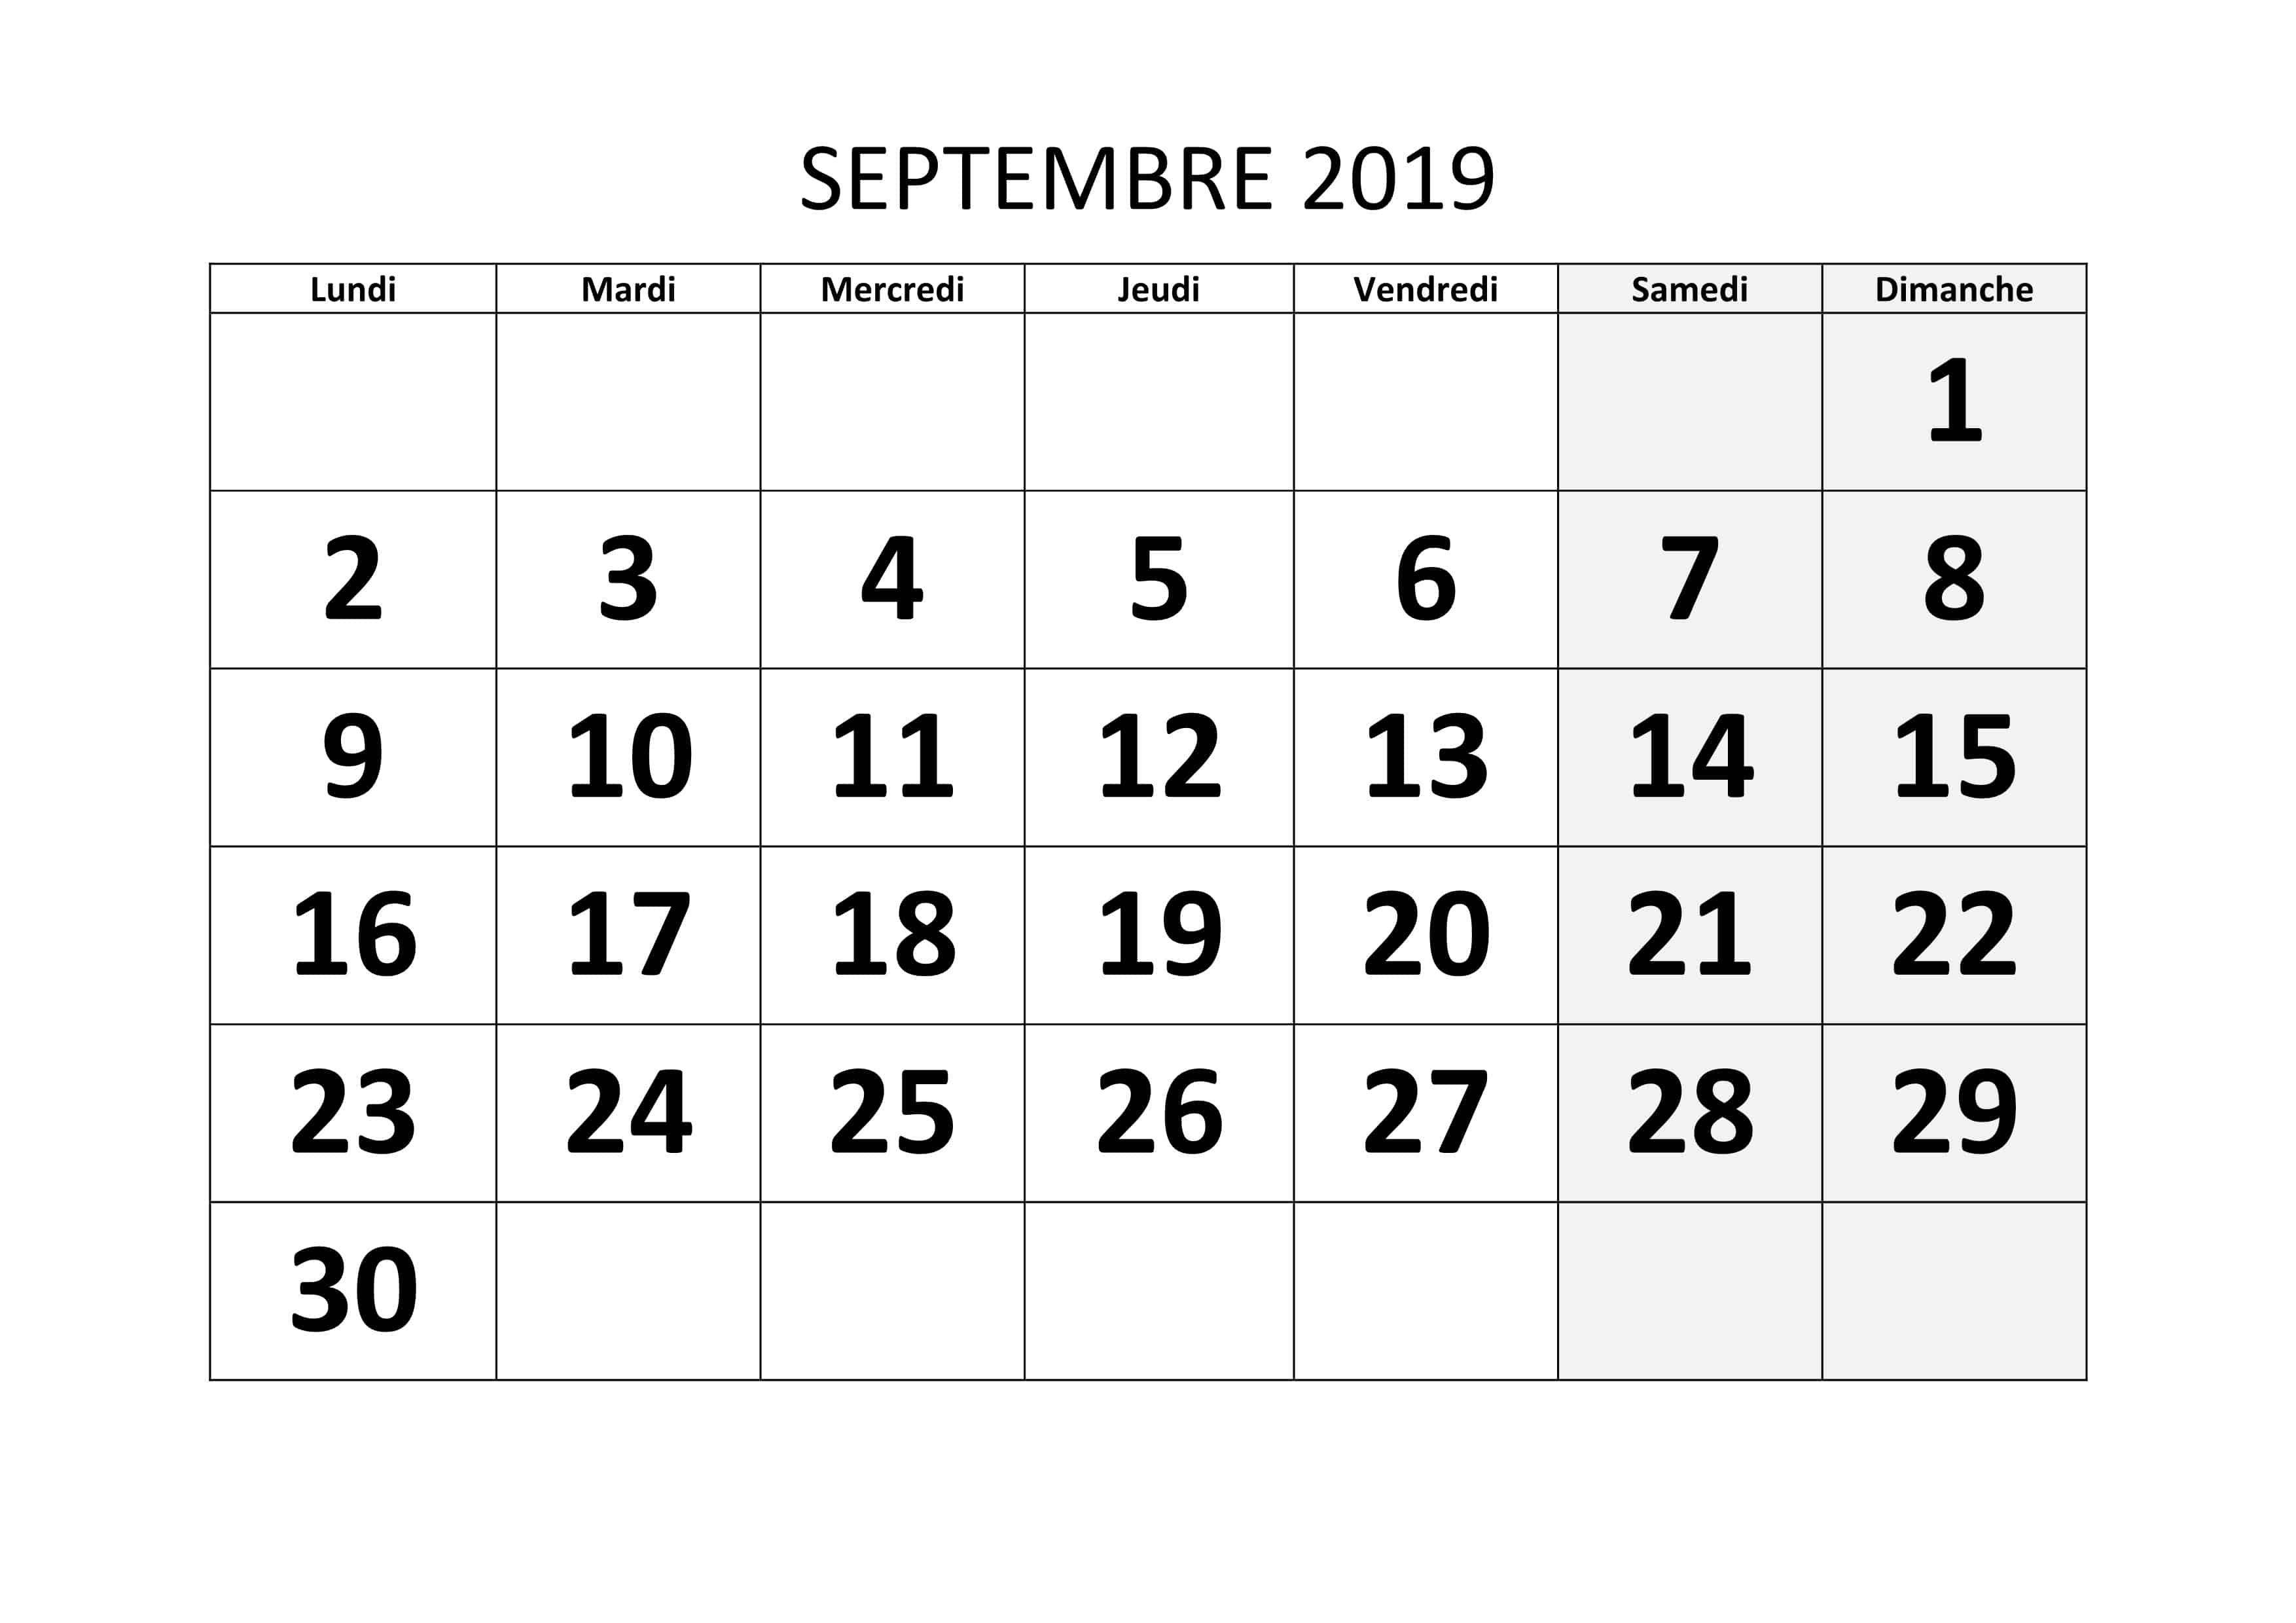 Calendrier Mensuel Septembre 2019